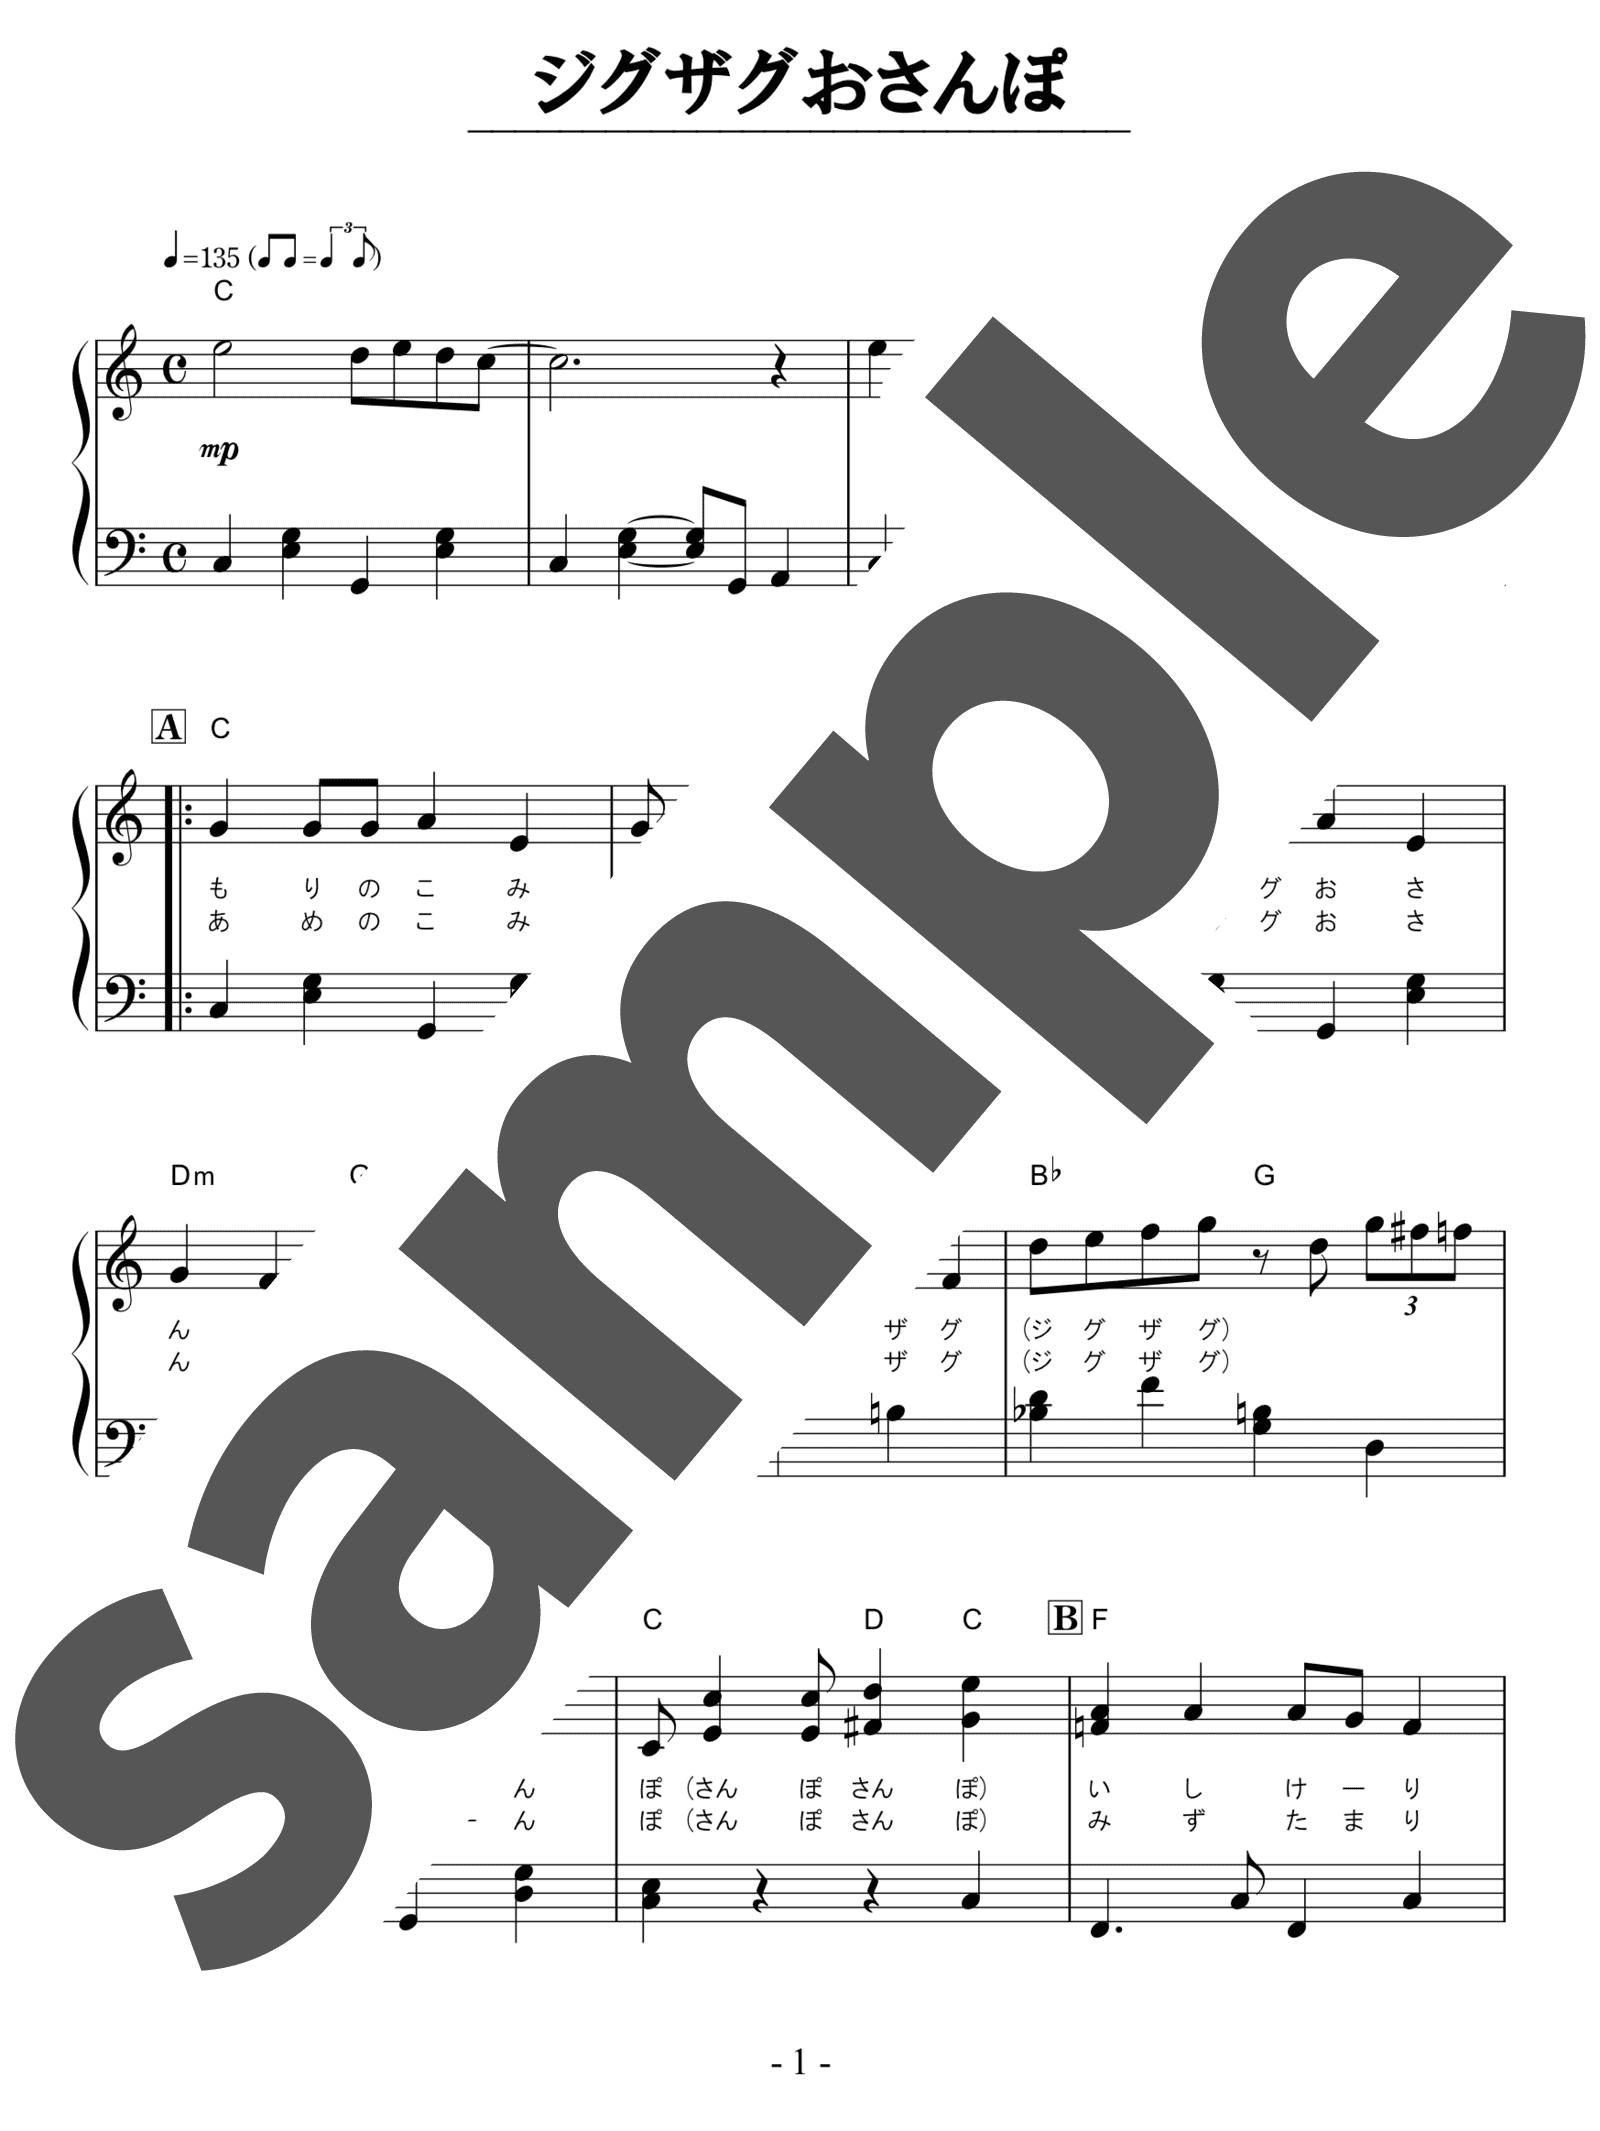 「ジグザグおさんぽ」のサンプル楽譜